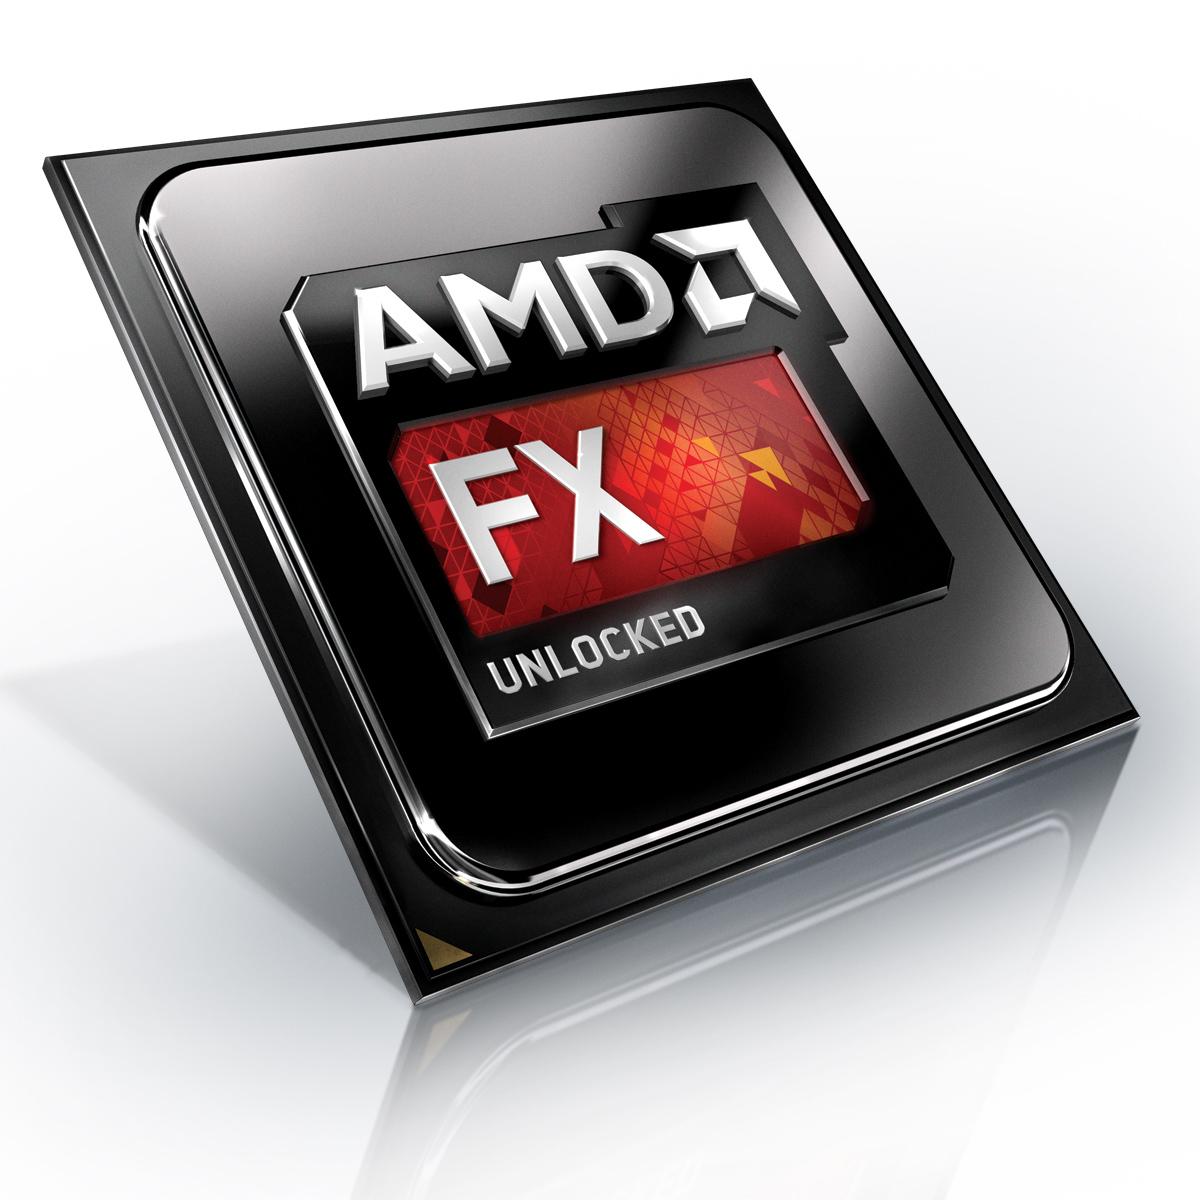 Processeur AMD FX 9370 Unlocked (4.7 GHz Max Turbo) Processeur 8-Core socket AM3+ Cache L3 8 Mo 0.032 micron TDP 220W (version boîte/sans ventilateur - garantie constructeur 3 ans)